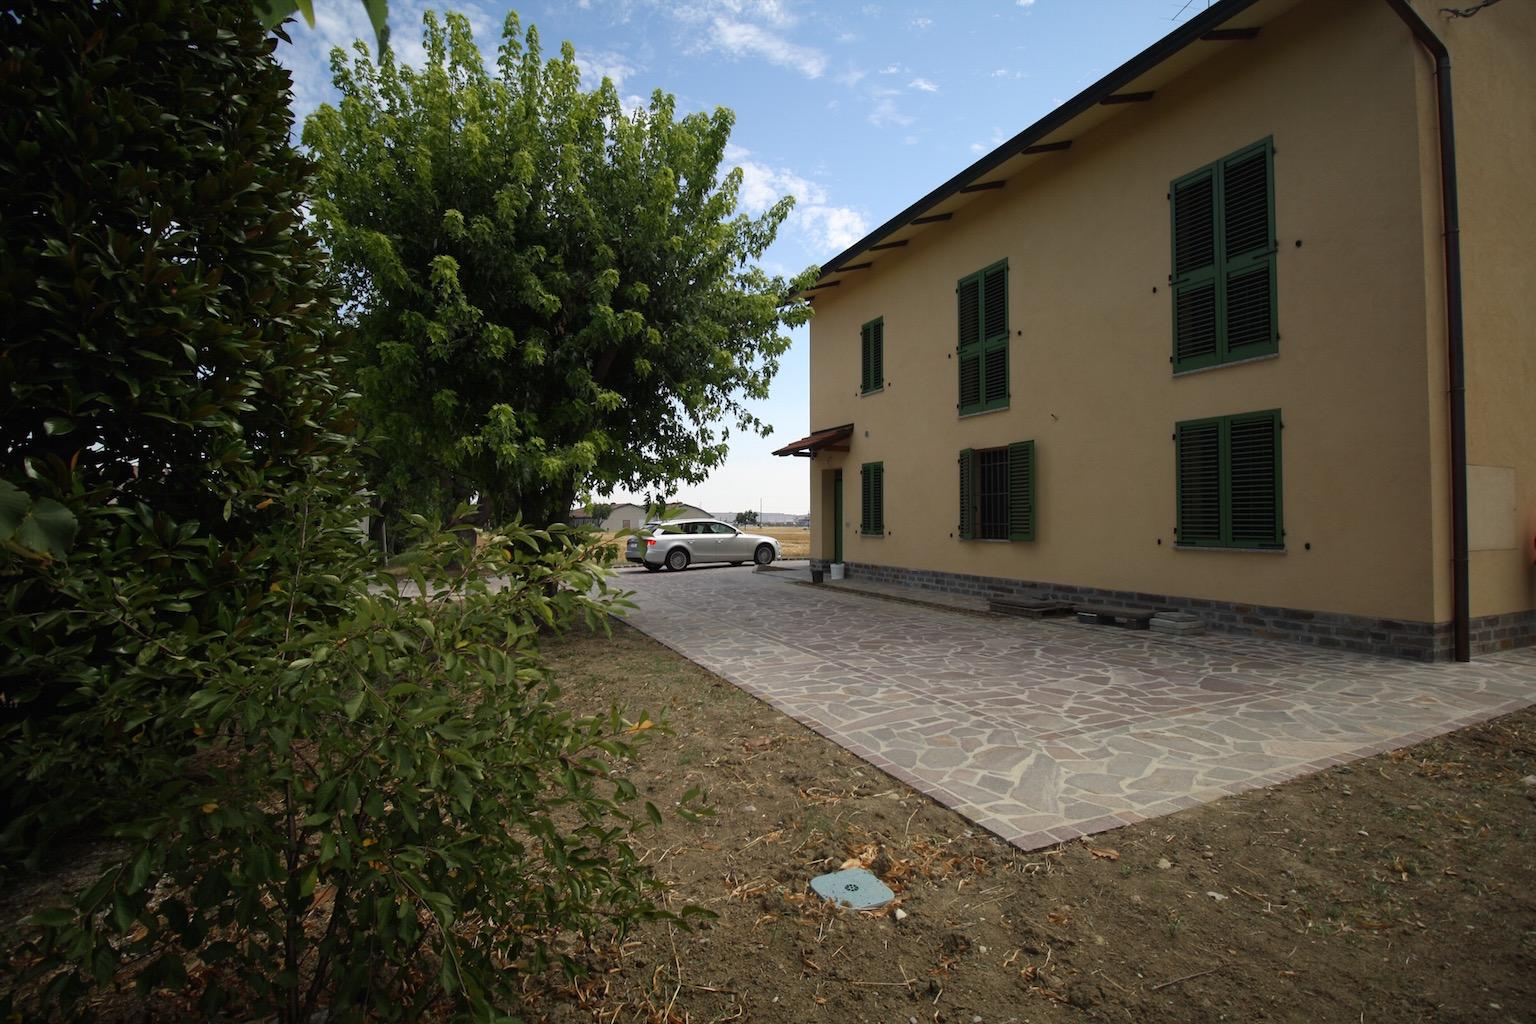 Appartamento in affitto a Sant'Ilario d'Enza, 2 locali, zona Zona: Calerno, prezzo € 450 | CambioCasa.it